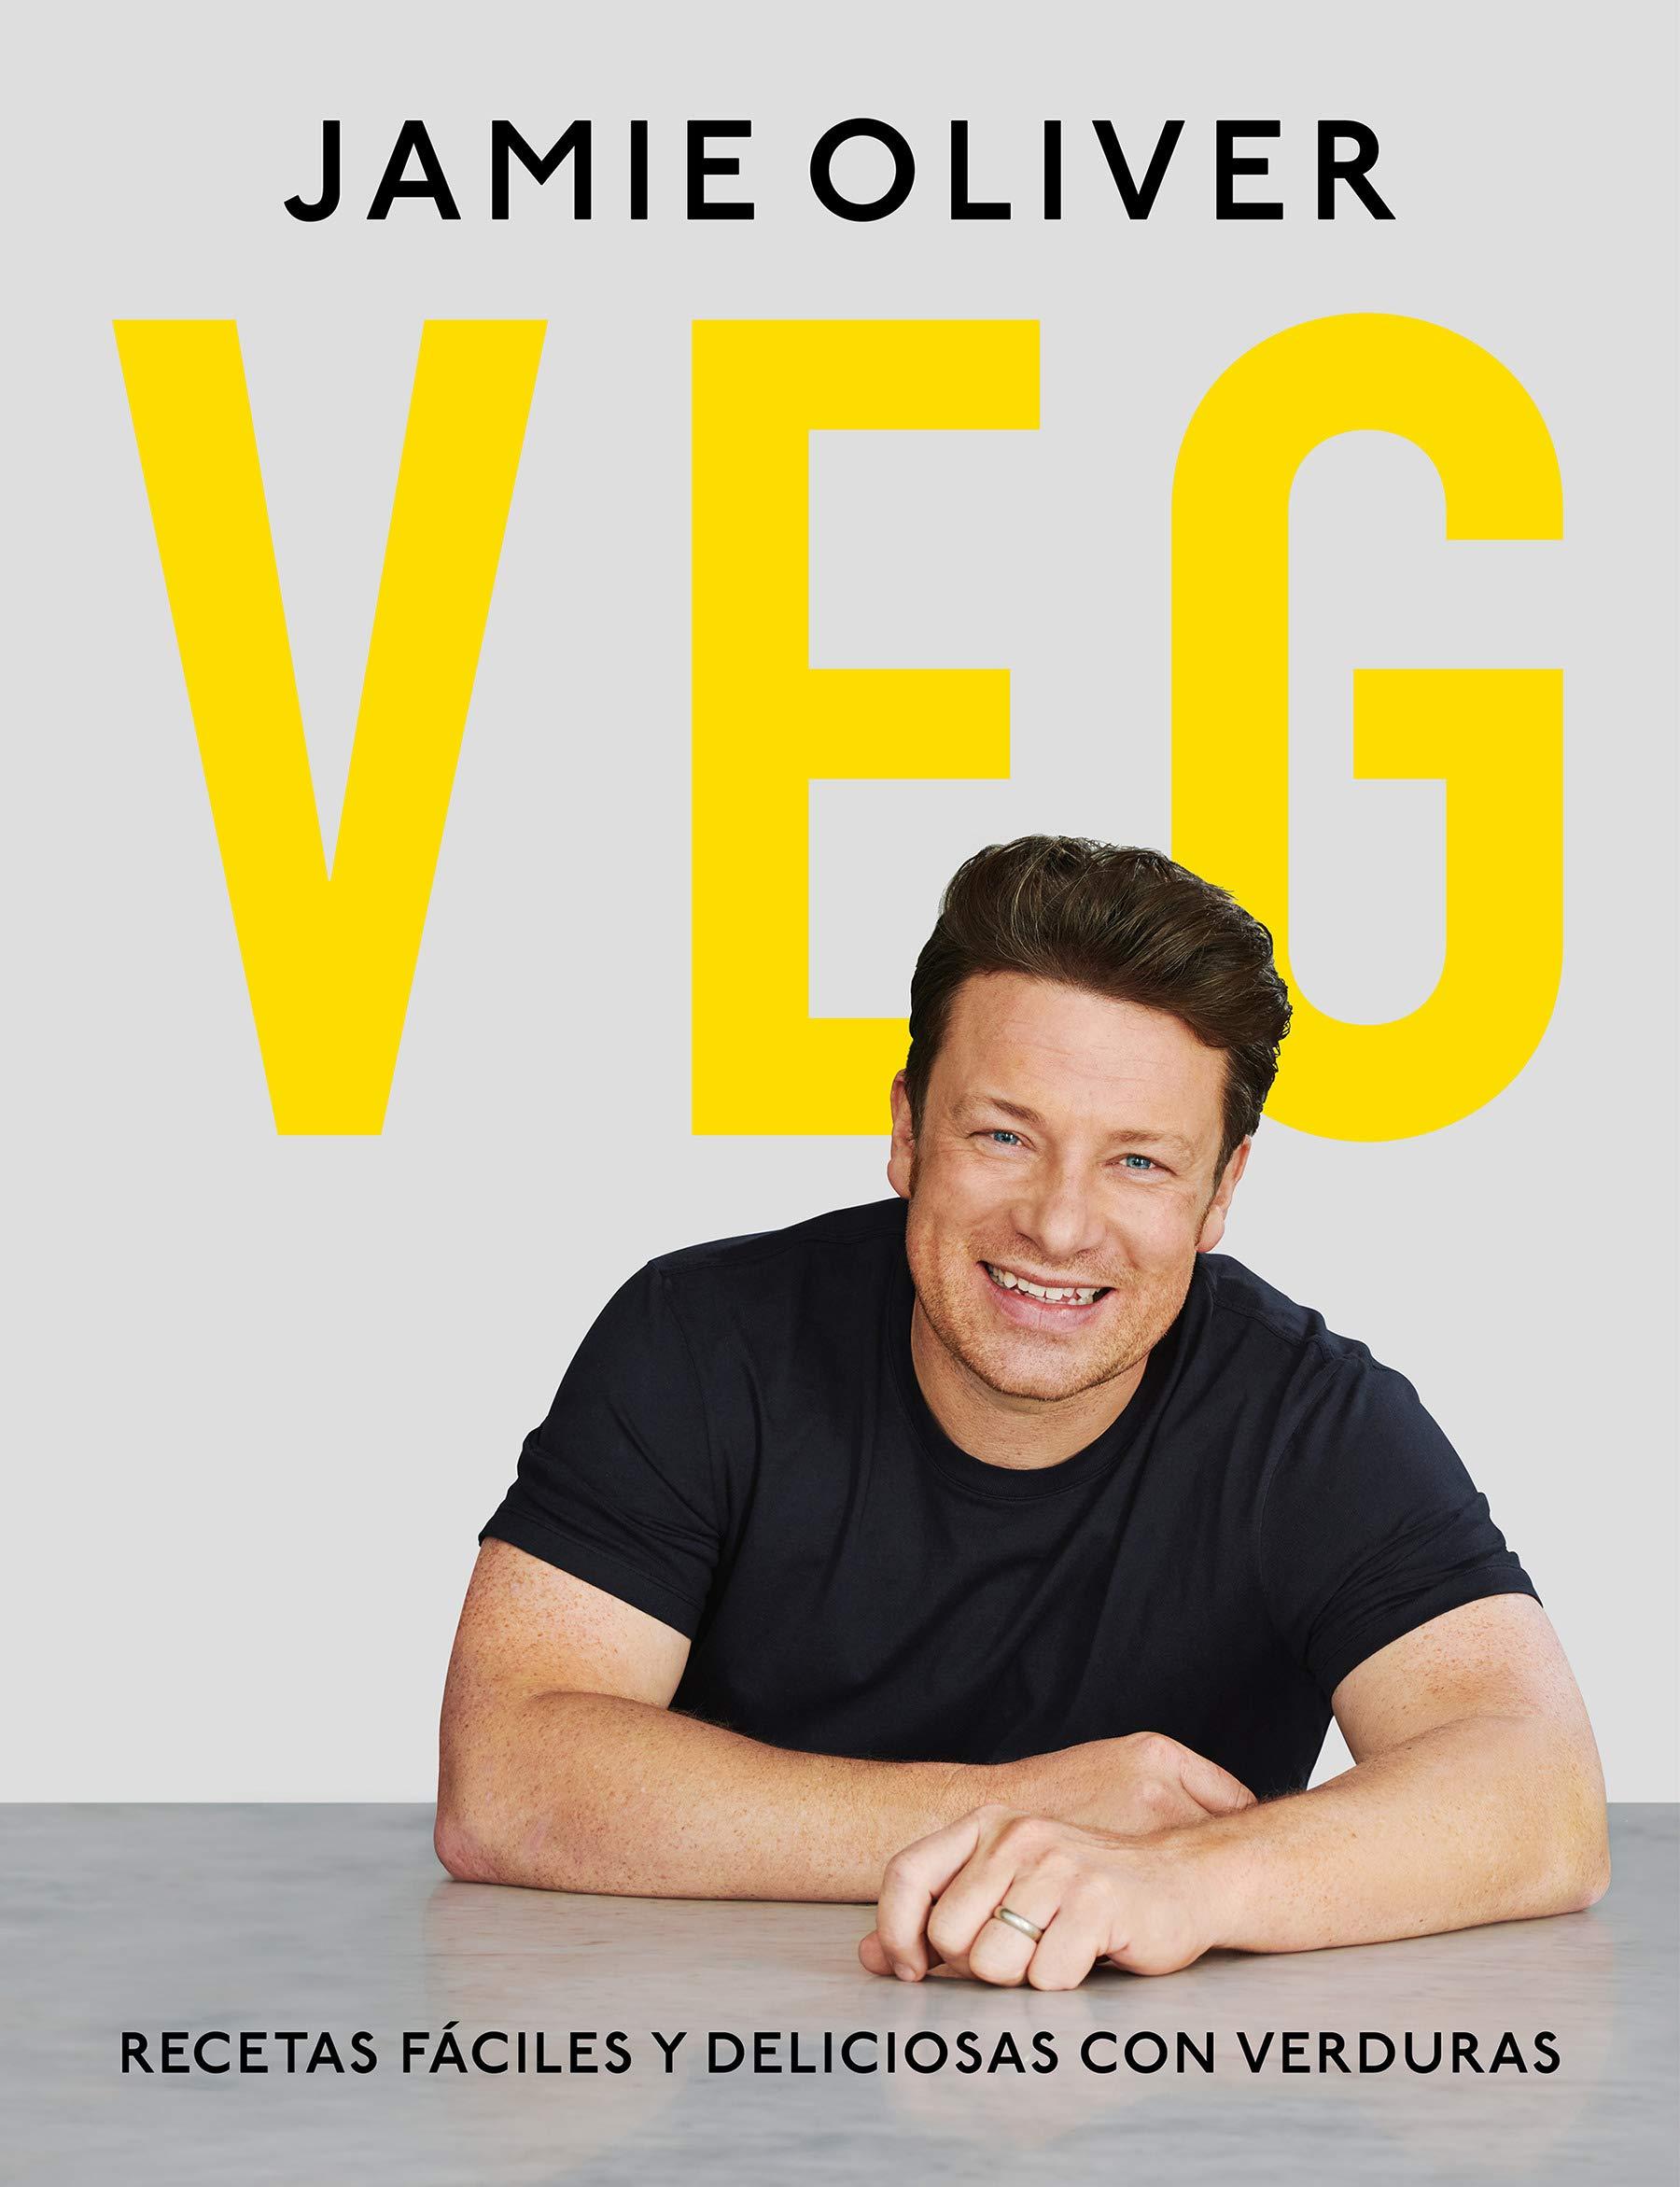 Veg Recetas Fáciles Y Deliciosas Con Verduras Veg Easy